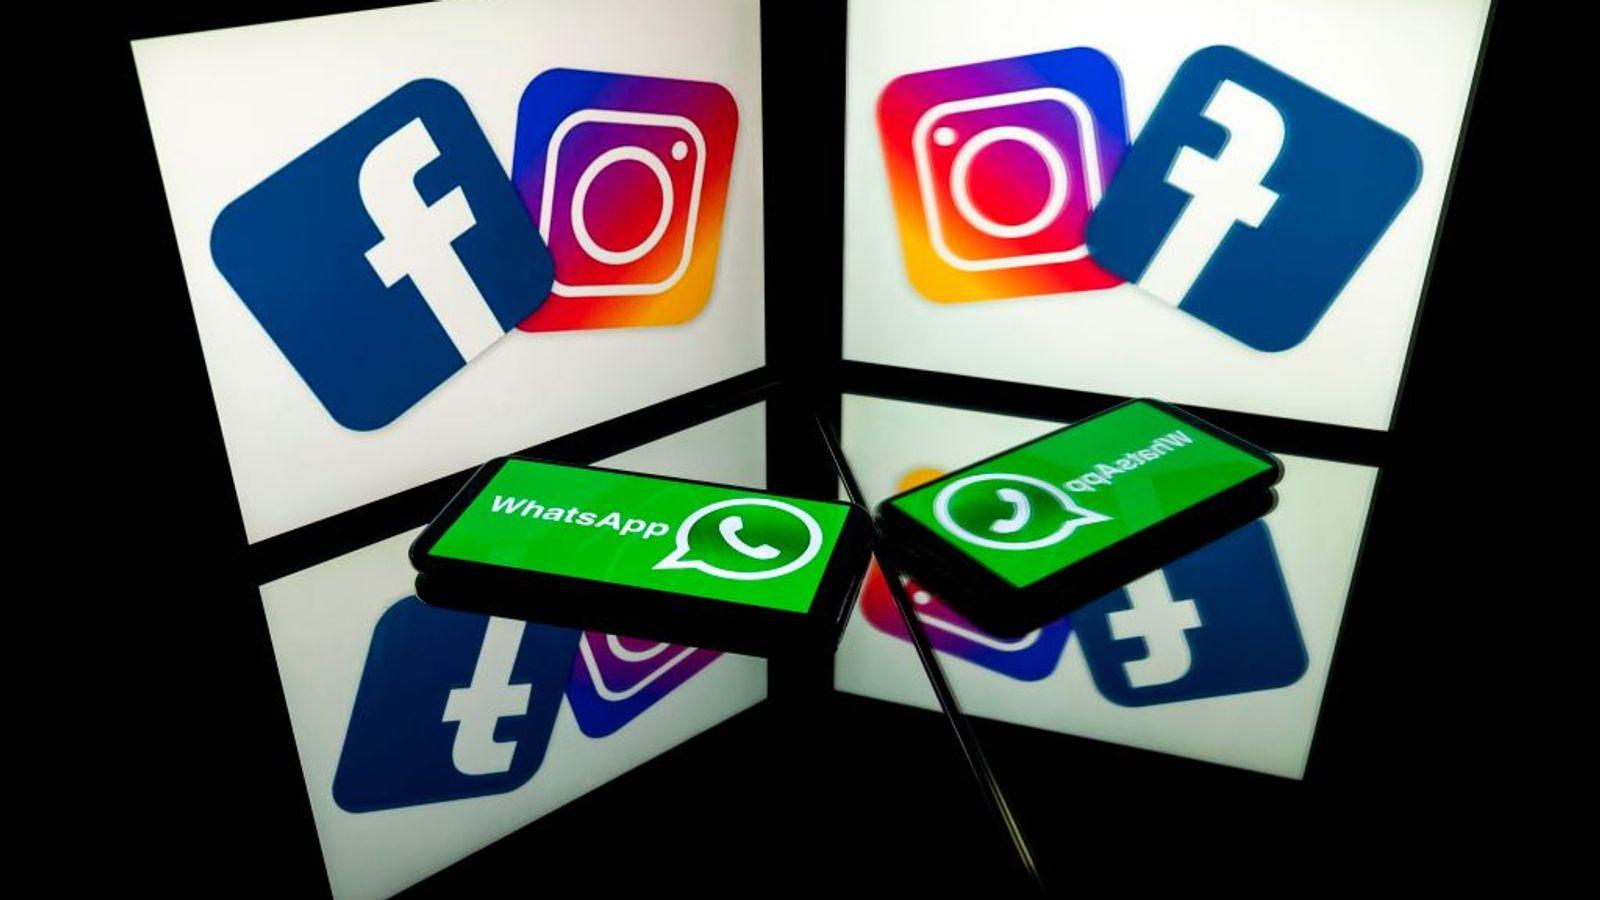 WhatsApp ile Instagram ve Facebook'taki Erişim Sorunu Adeta Sosyal Medyanın Fişini Çekti!